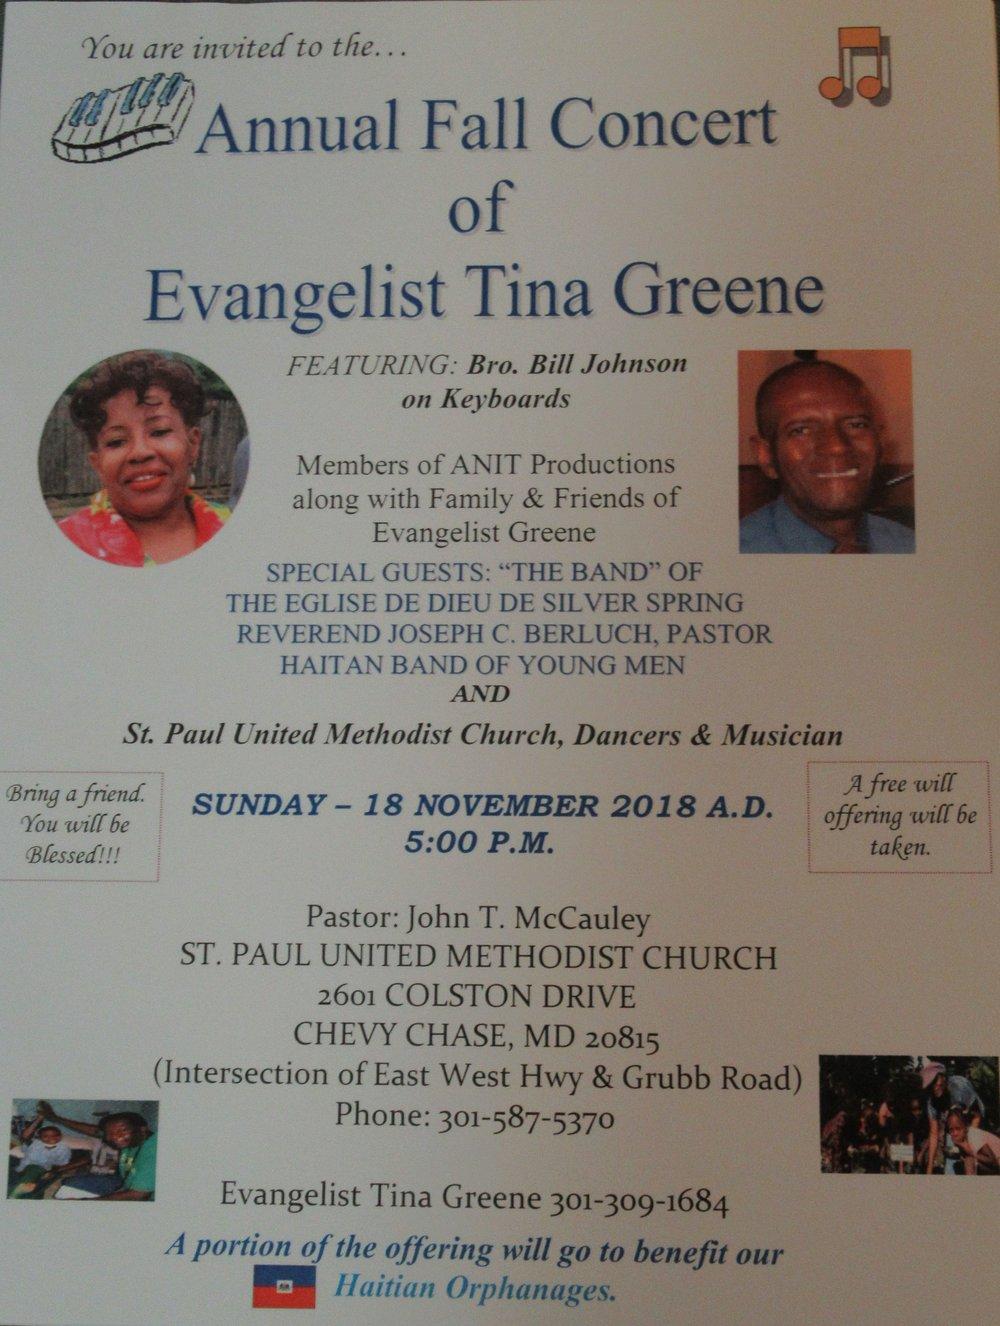 Fall Concert of T. Greene @ St. Paul Nov. 18, 2018 (1).JPG